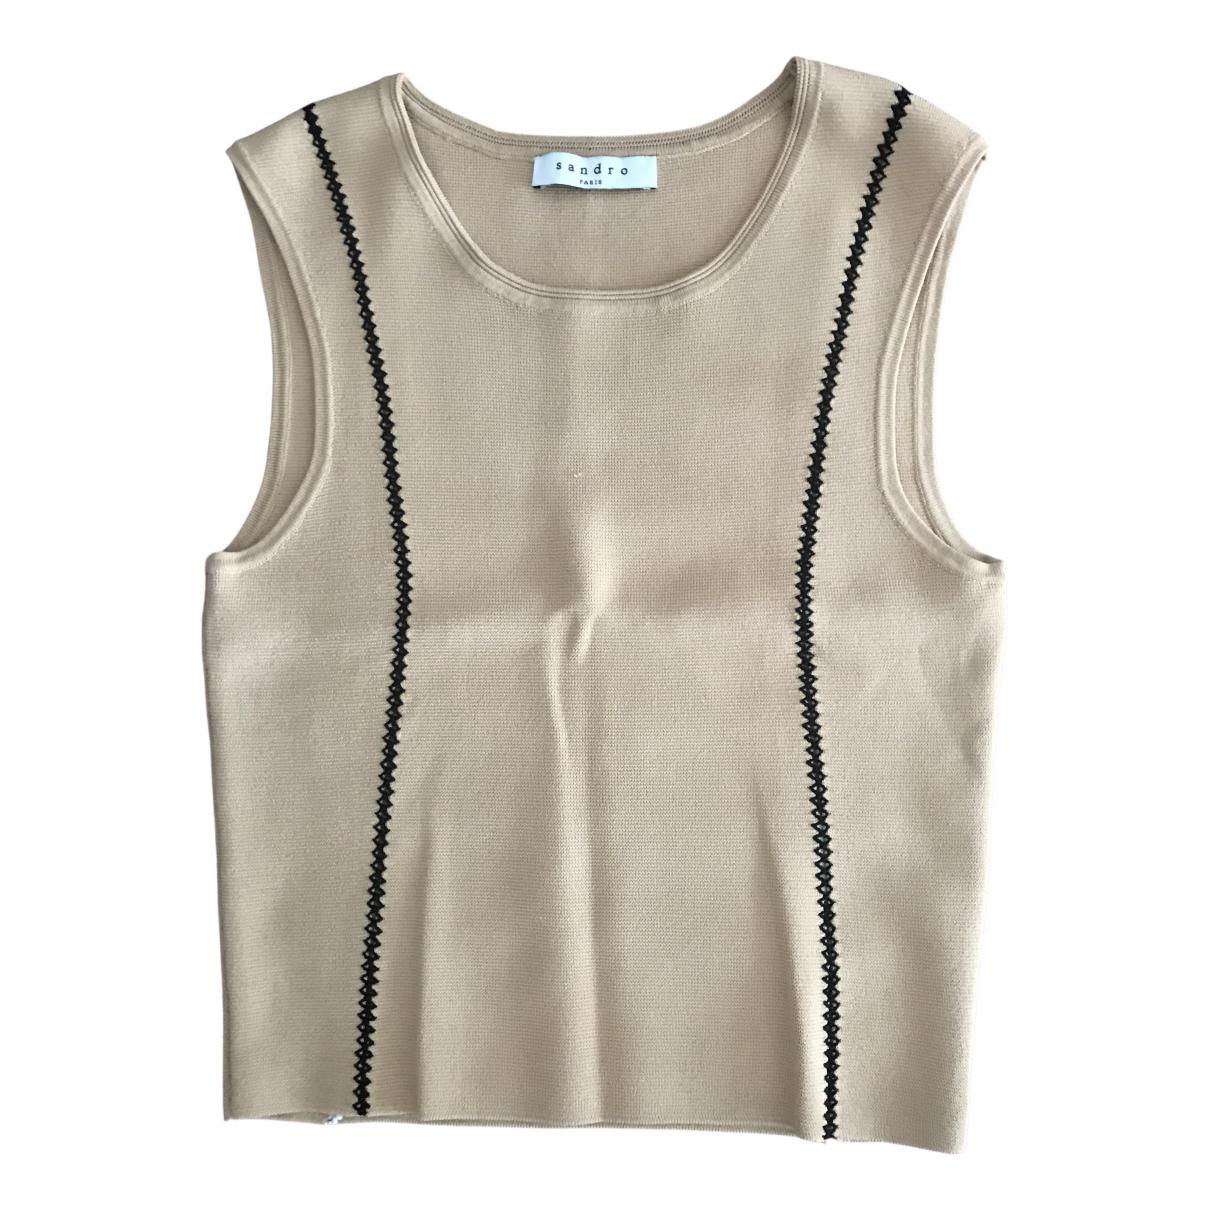 Sandro \N Beige Knitwear for Women 38 FR